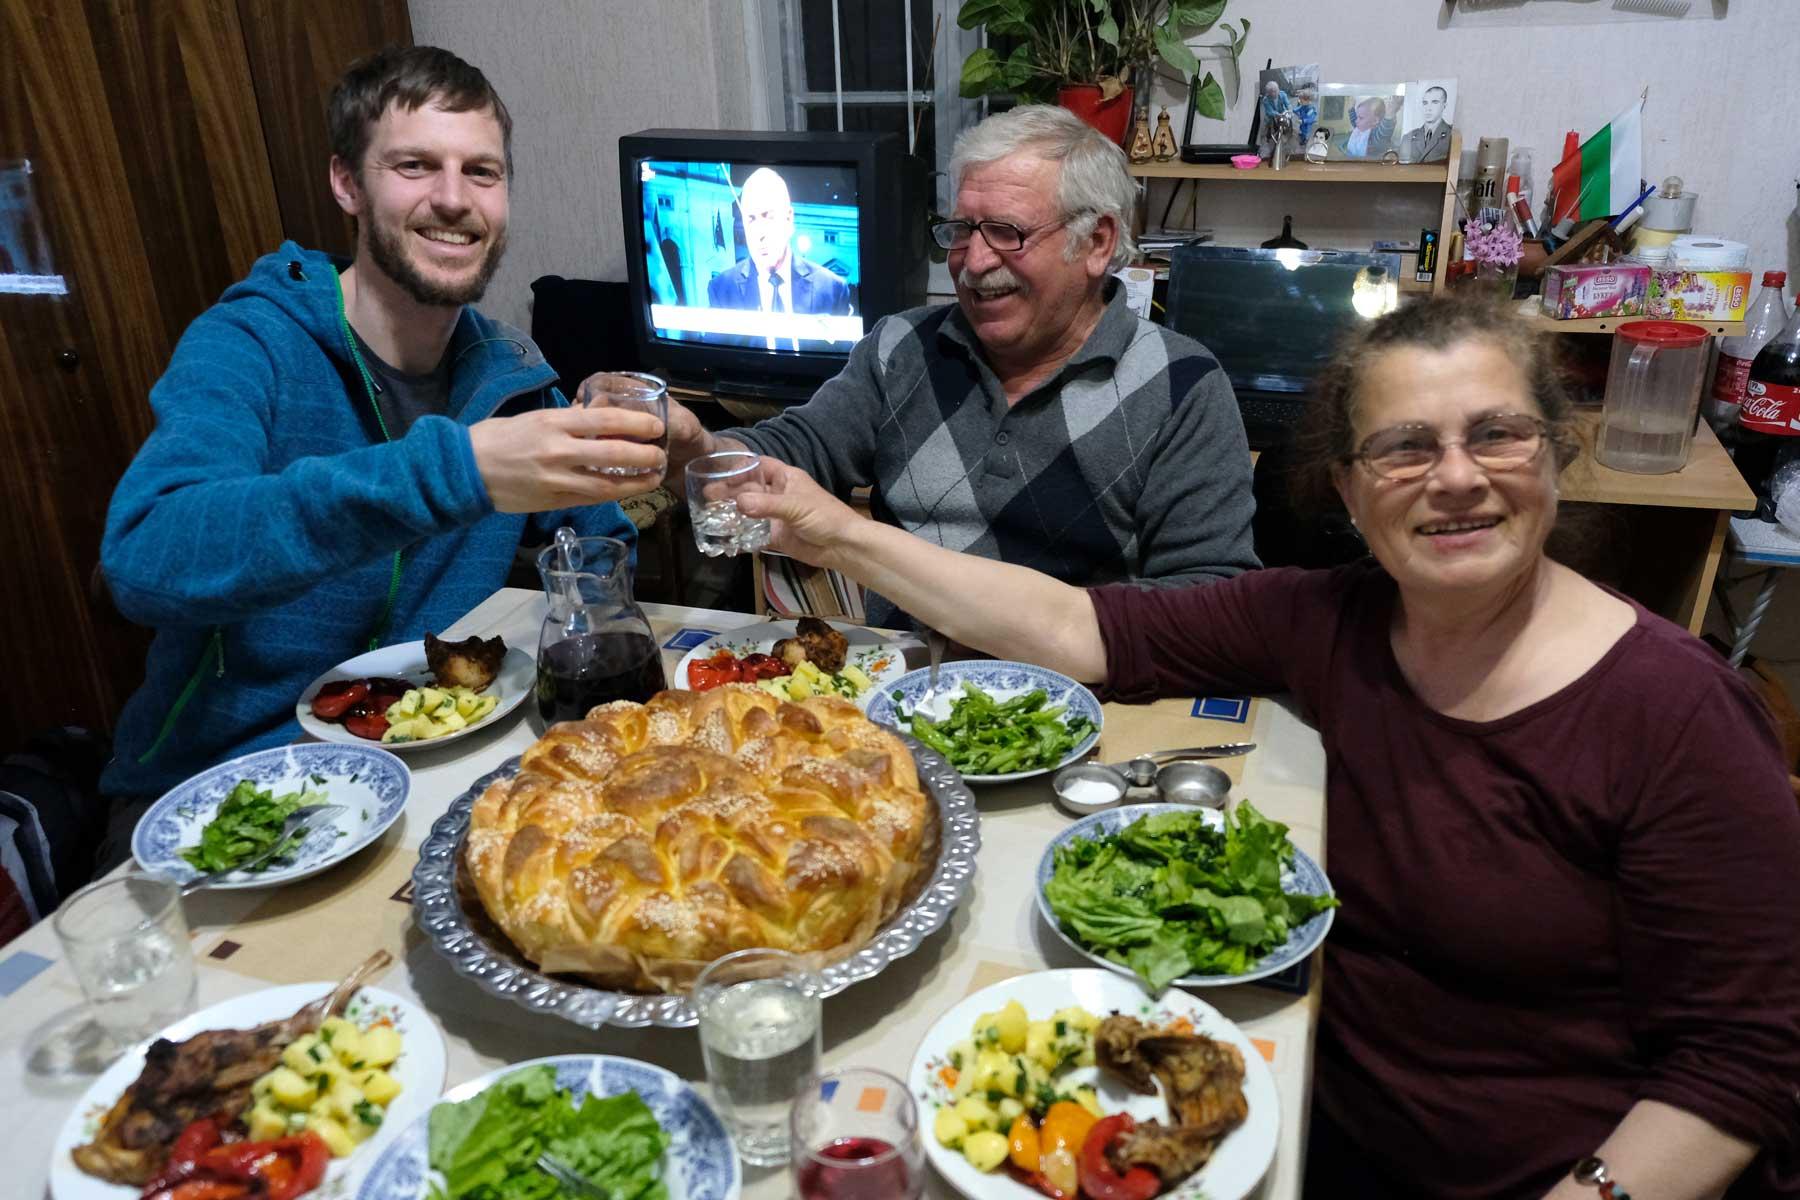 Gelöste Stimmung bei Pitka, Hasenbraten und selbstgemachtem Rotwein